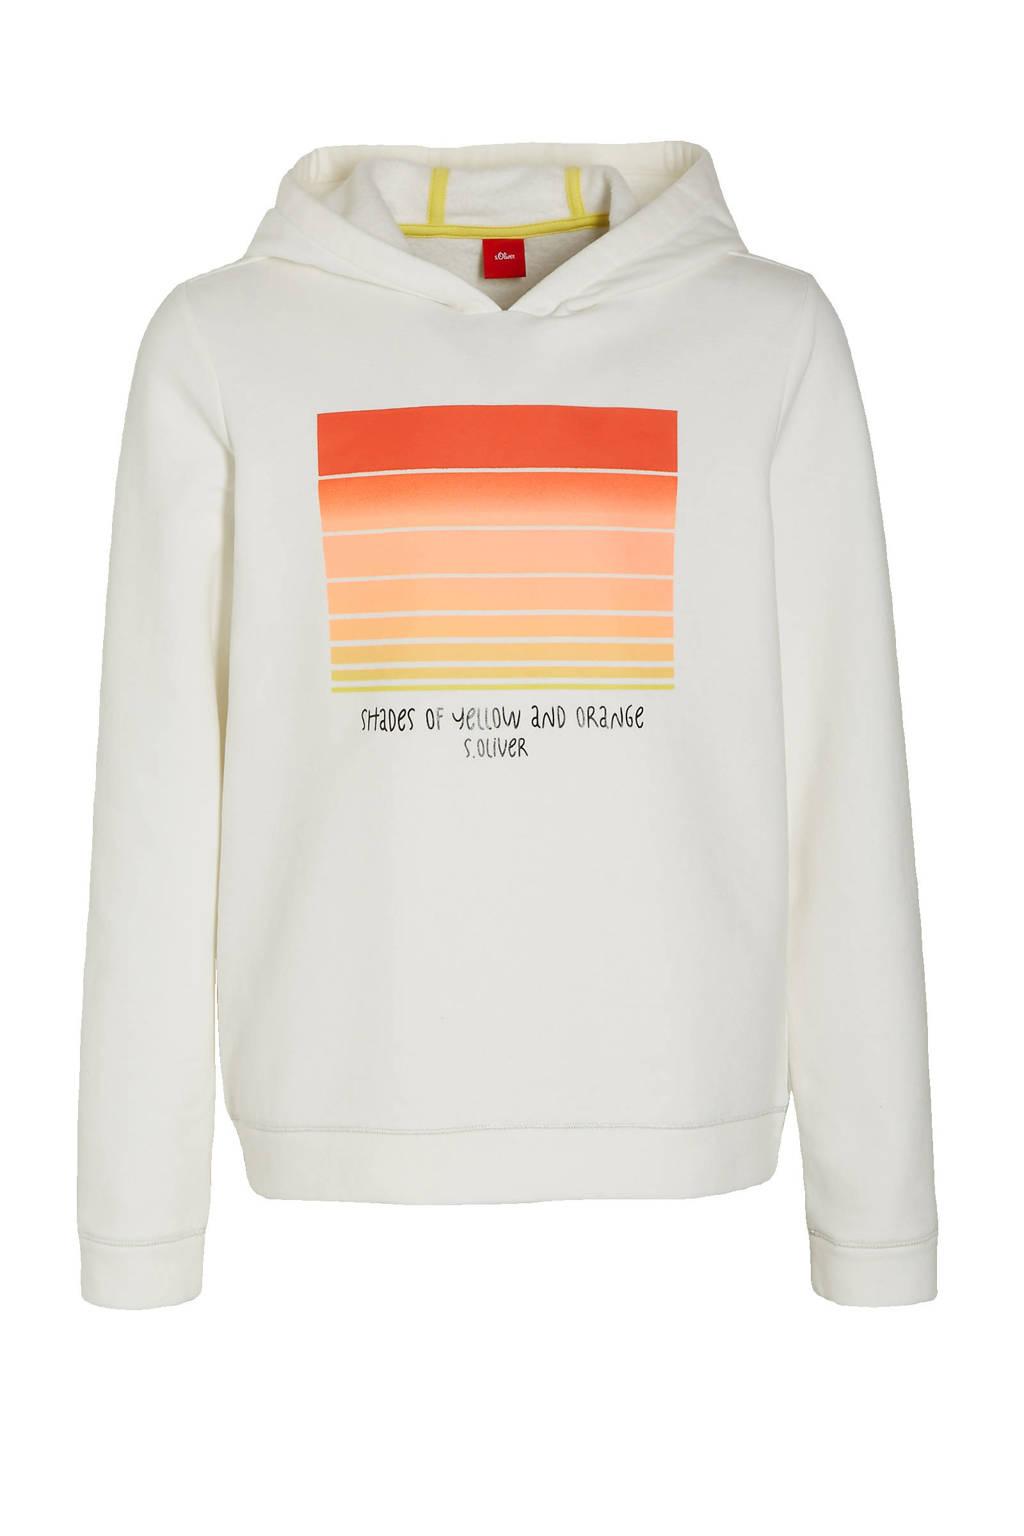 s.Oliver hoodie met printopdruk off white/rood/geel, Off white/rood/geel